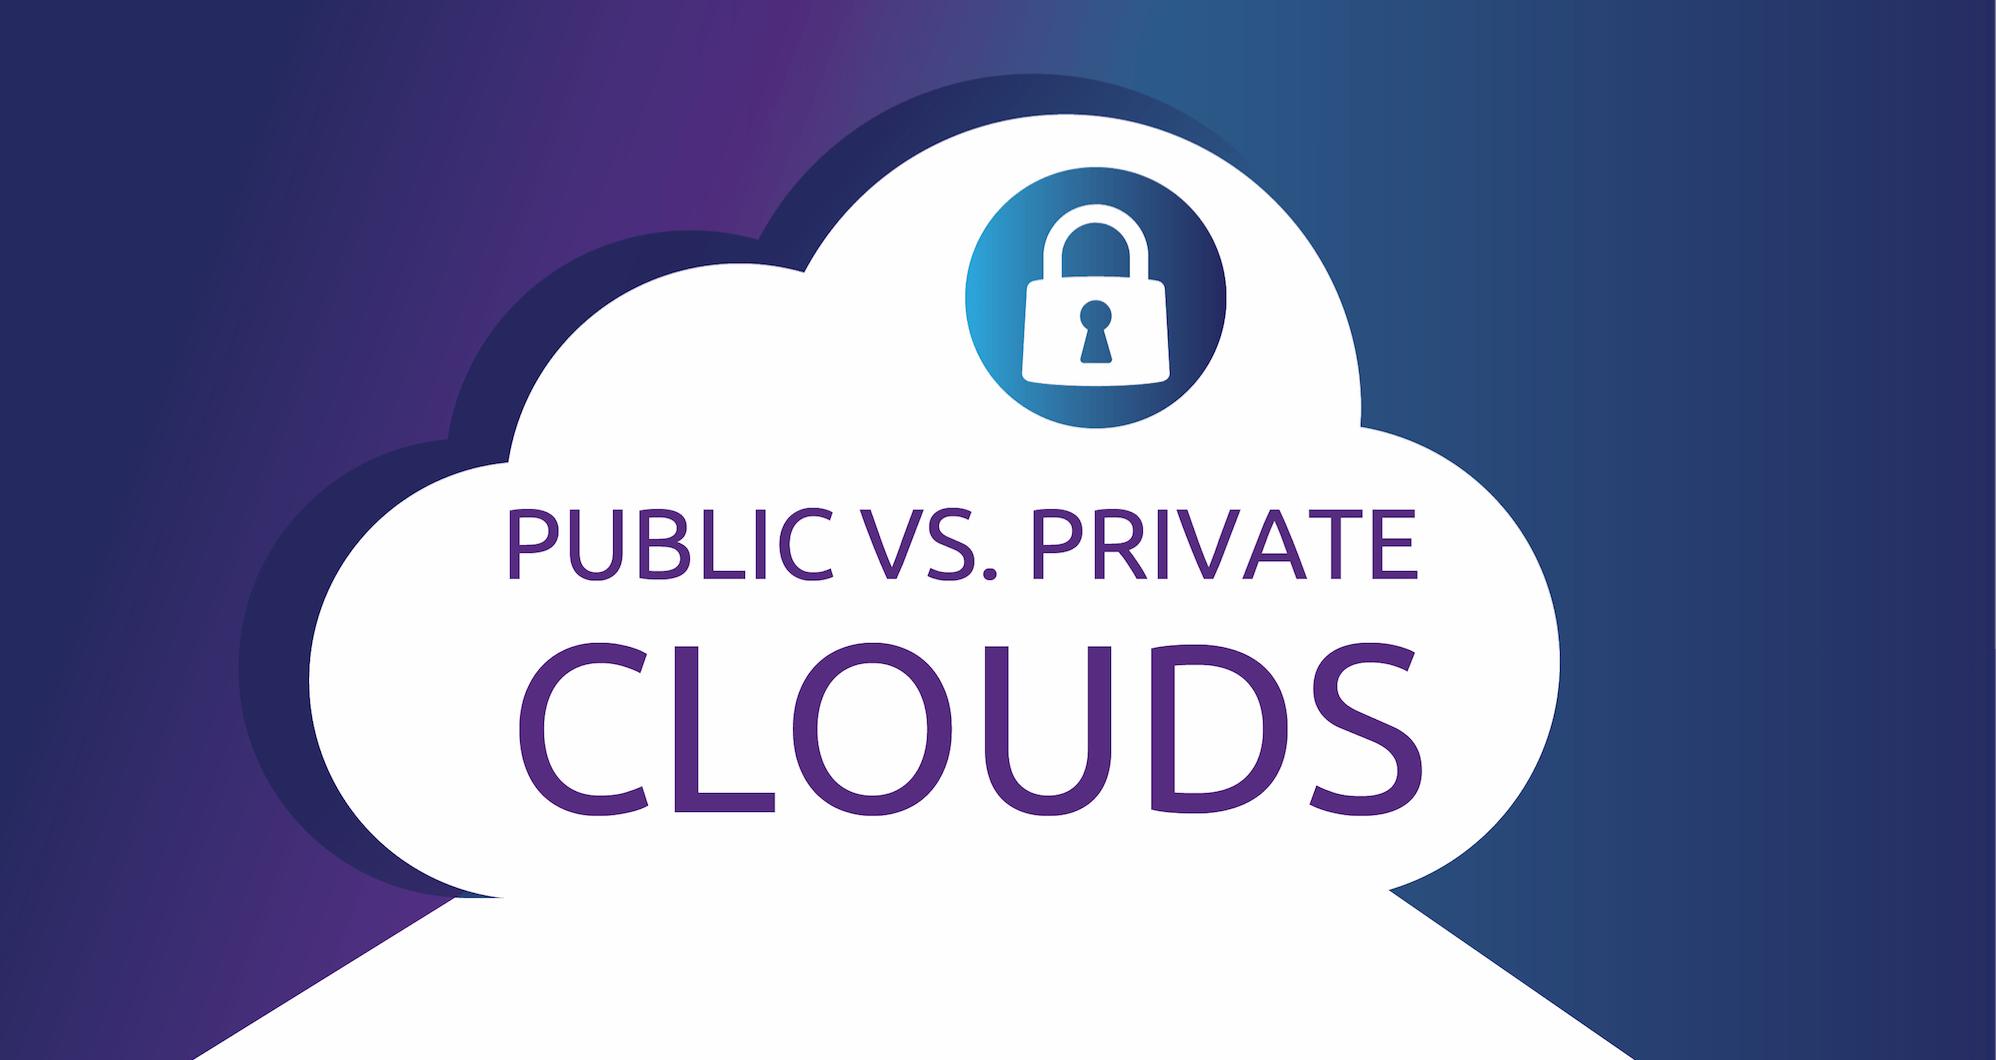 Phân tích việc lựa chọn private cloud hay public cloud và những xu hướng mới